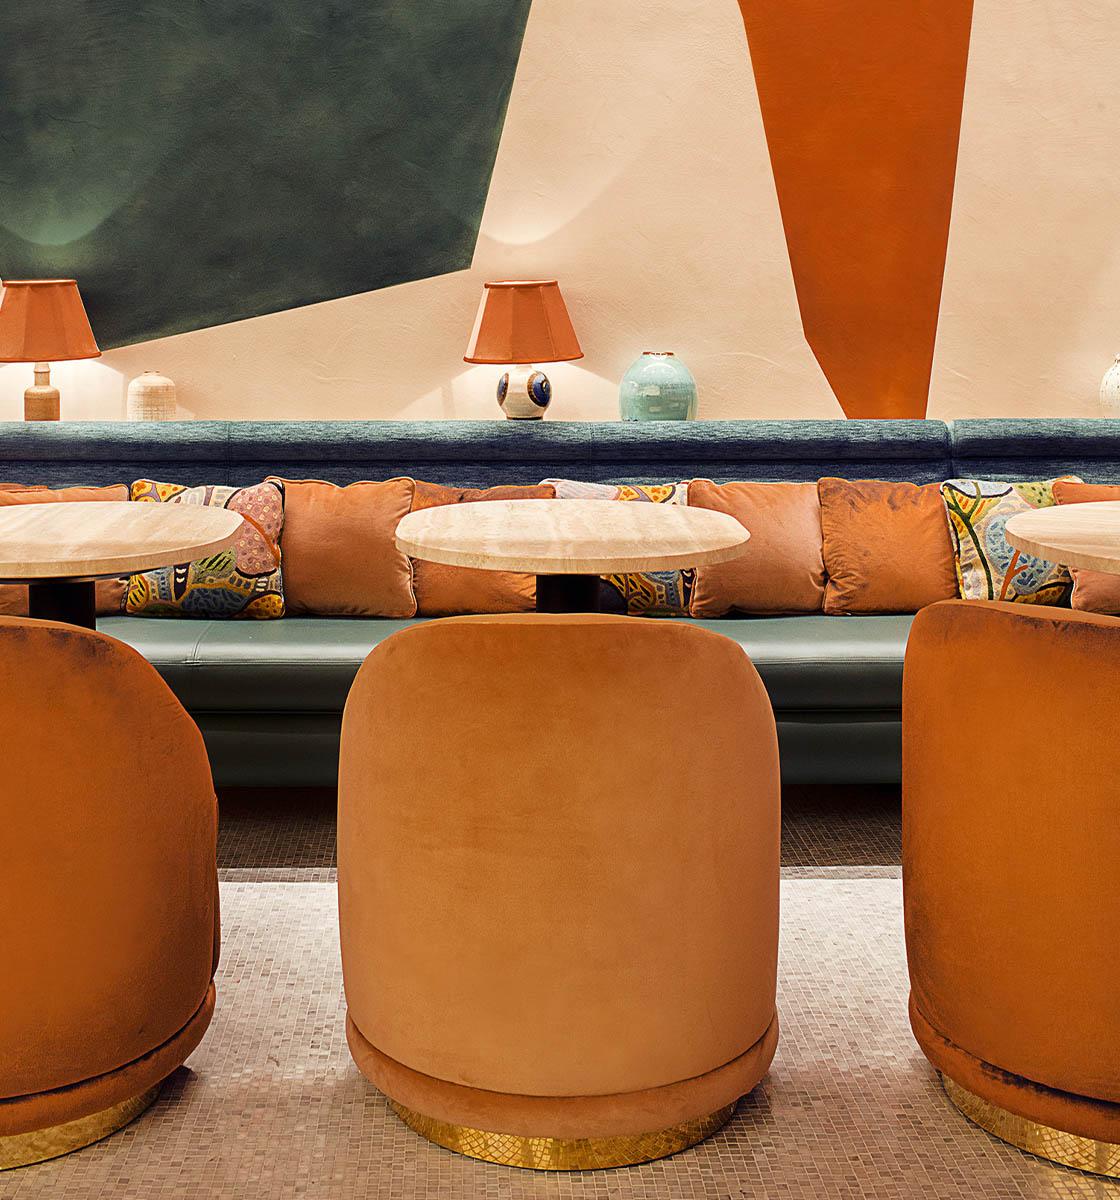 Orange tub chairs in restaurant